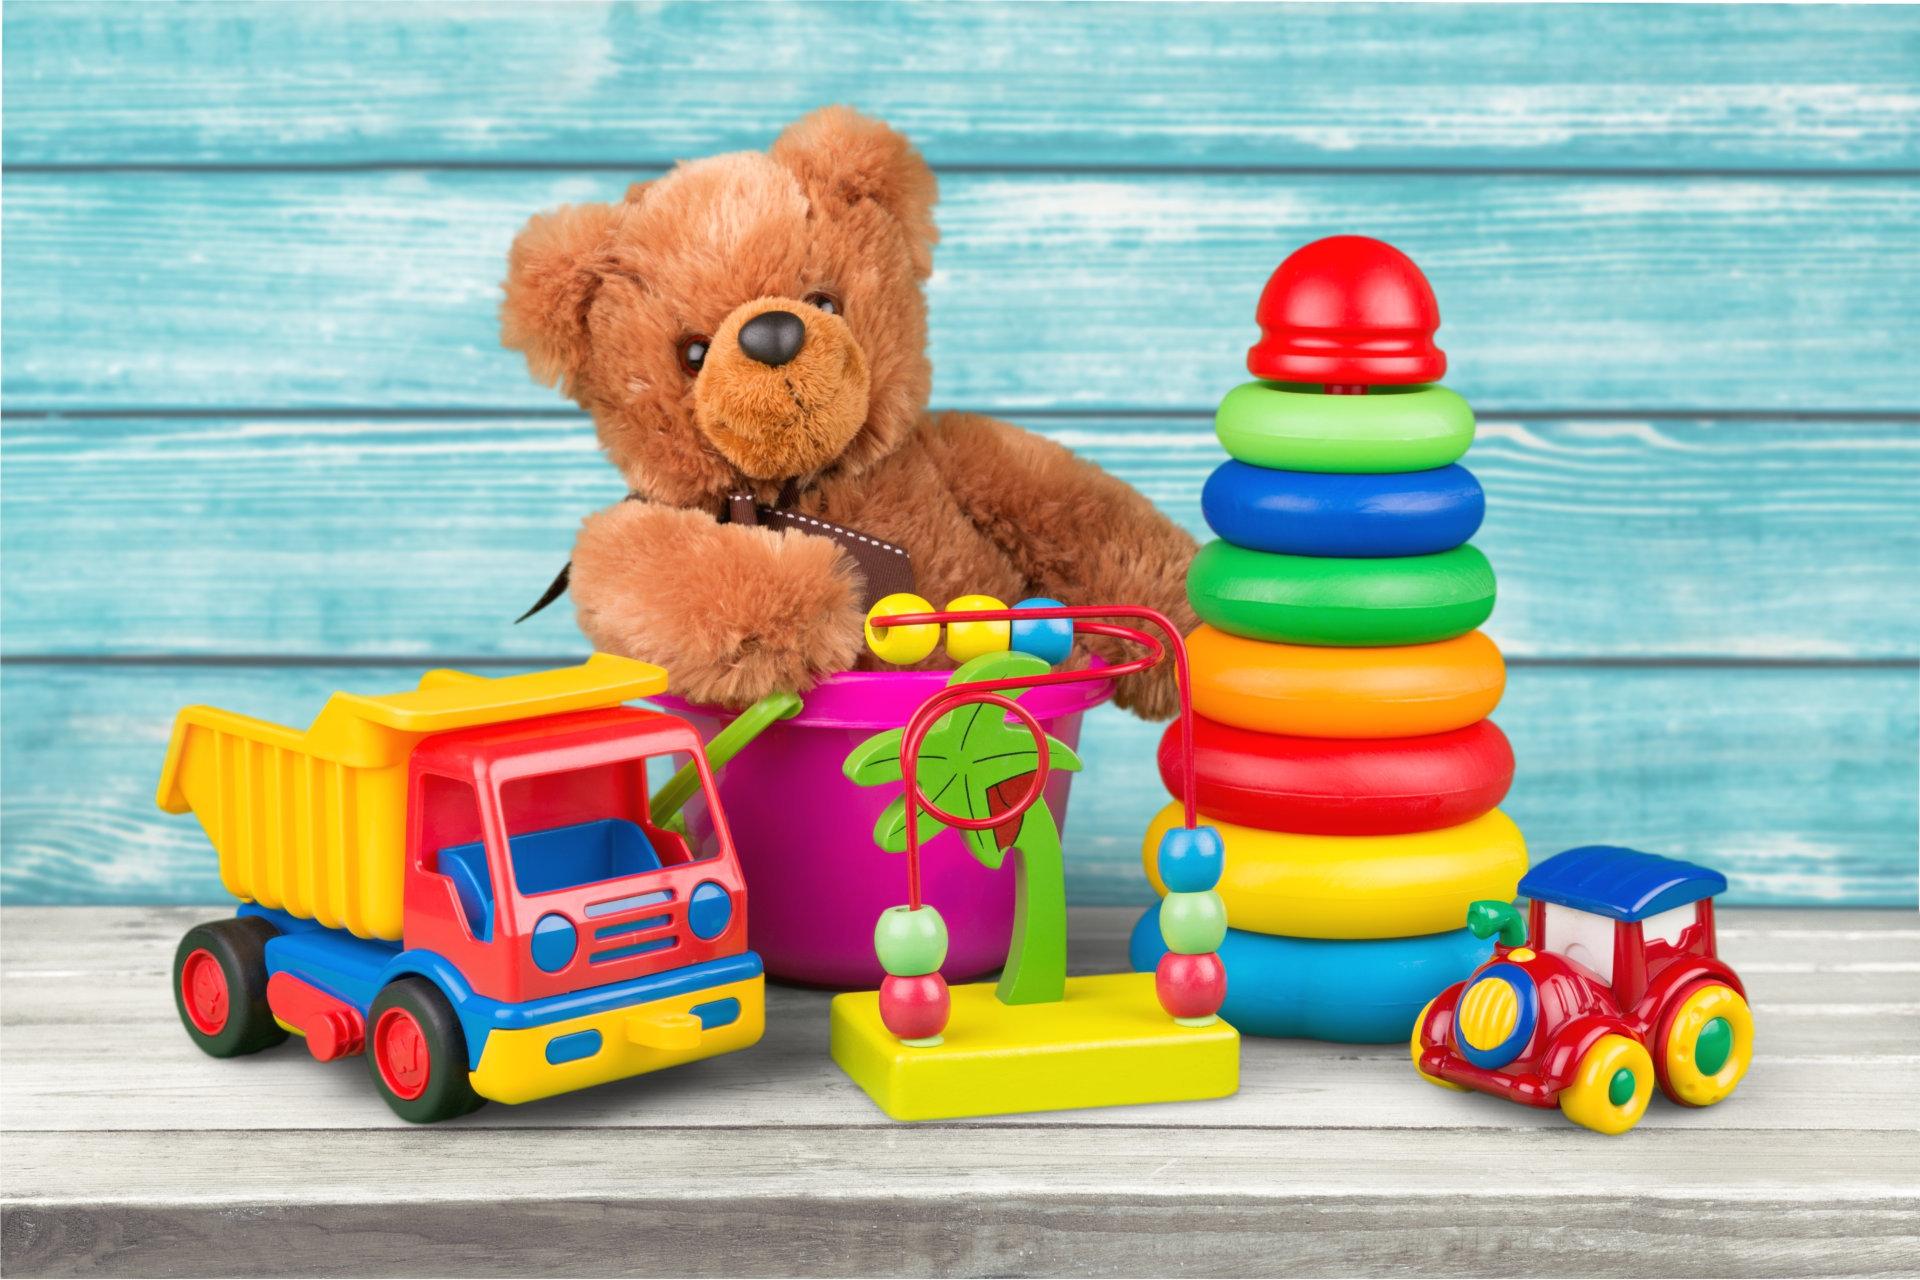 Кейс: продвижение сайта детских товаров и игрушек